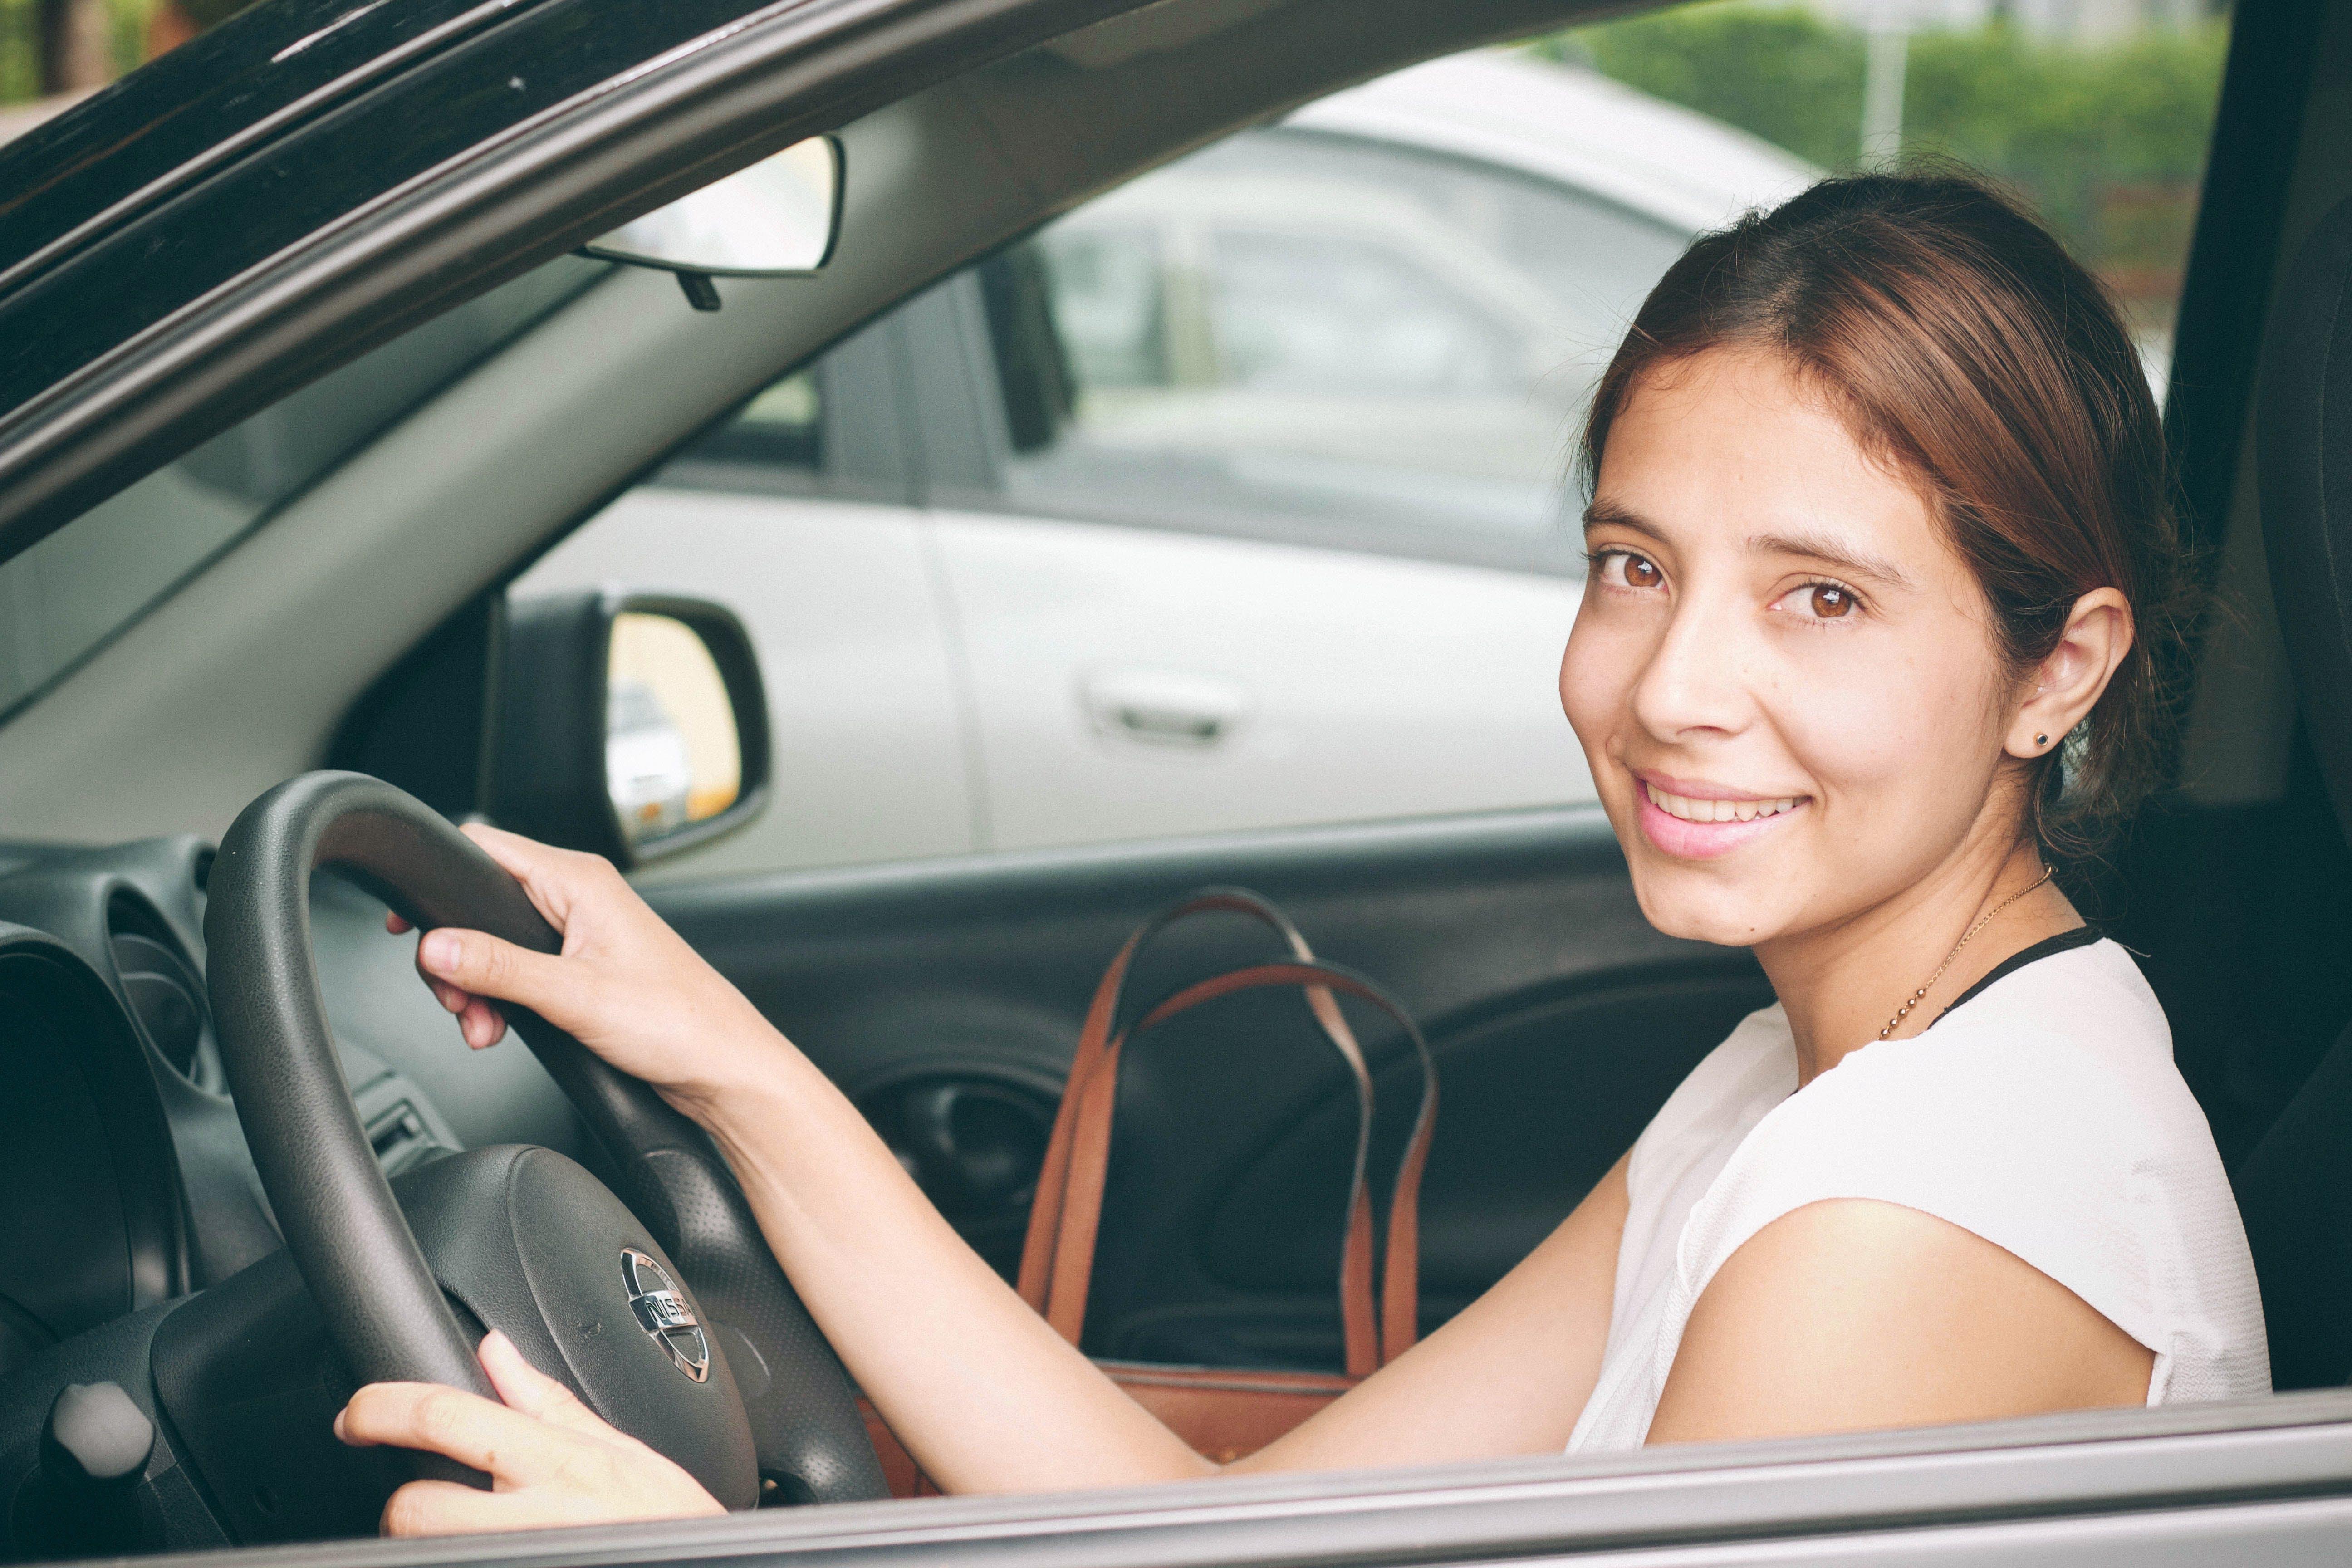 car, girl car, health